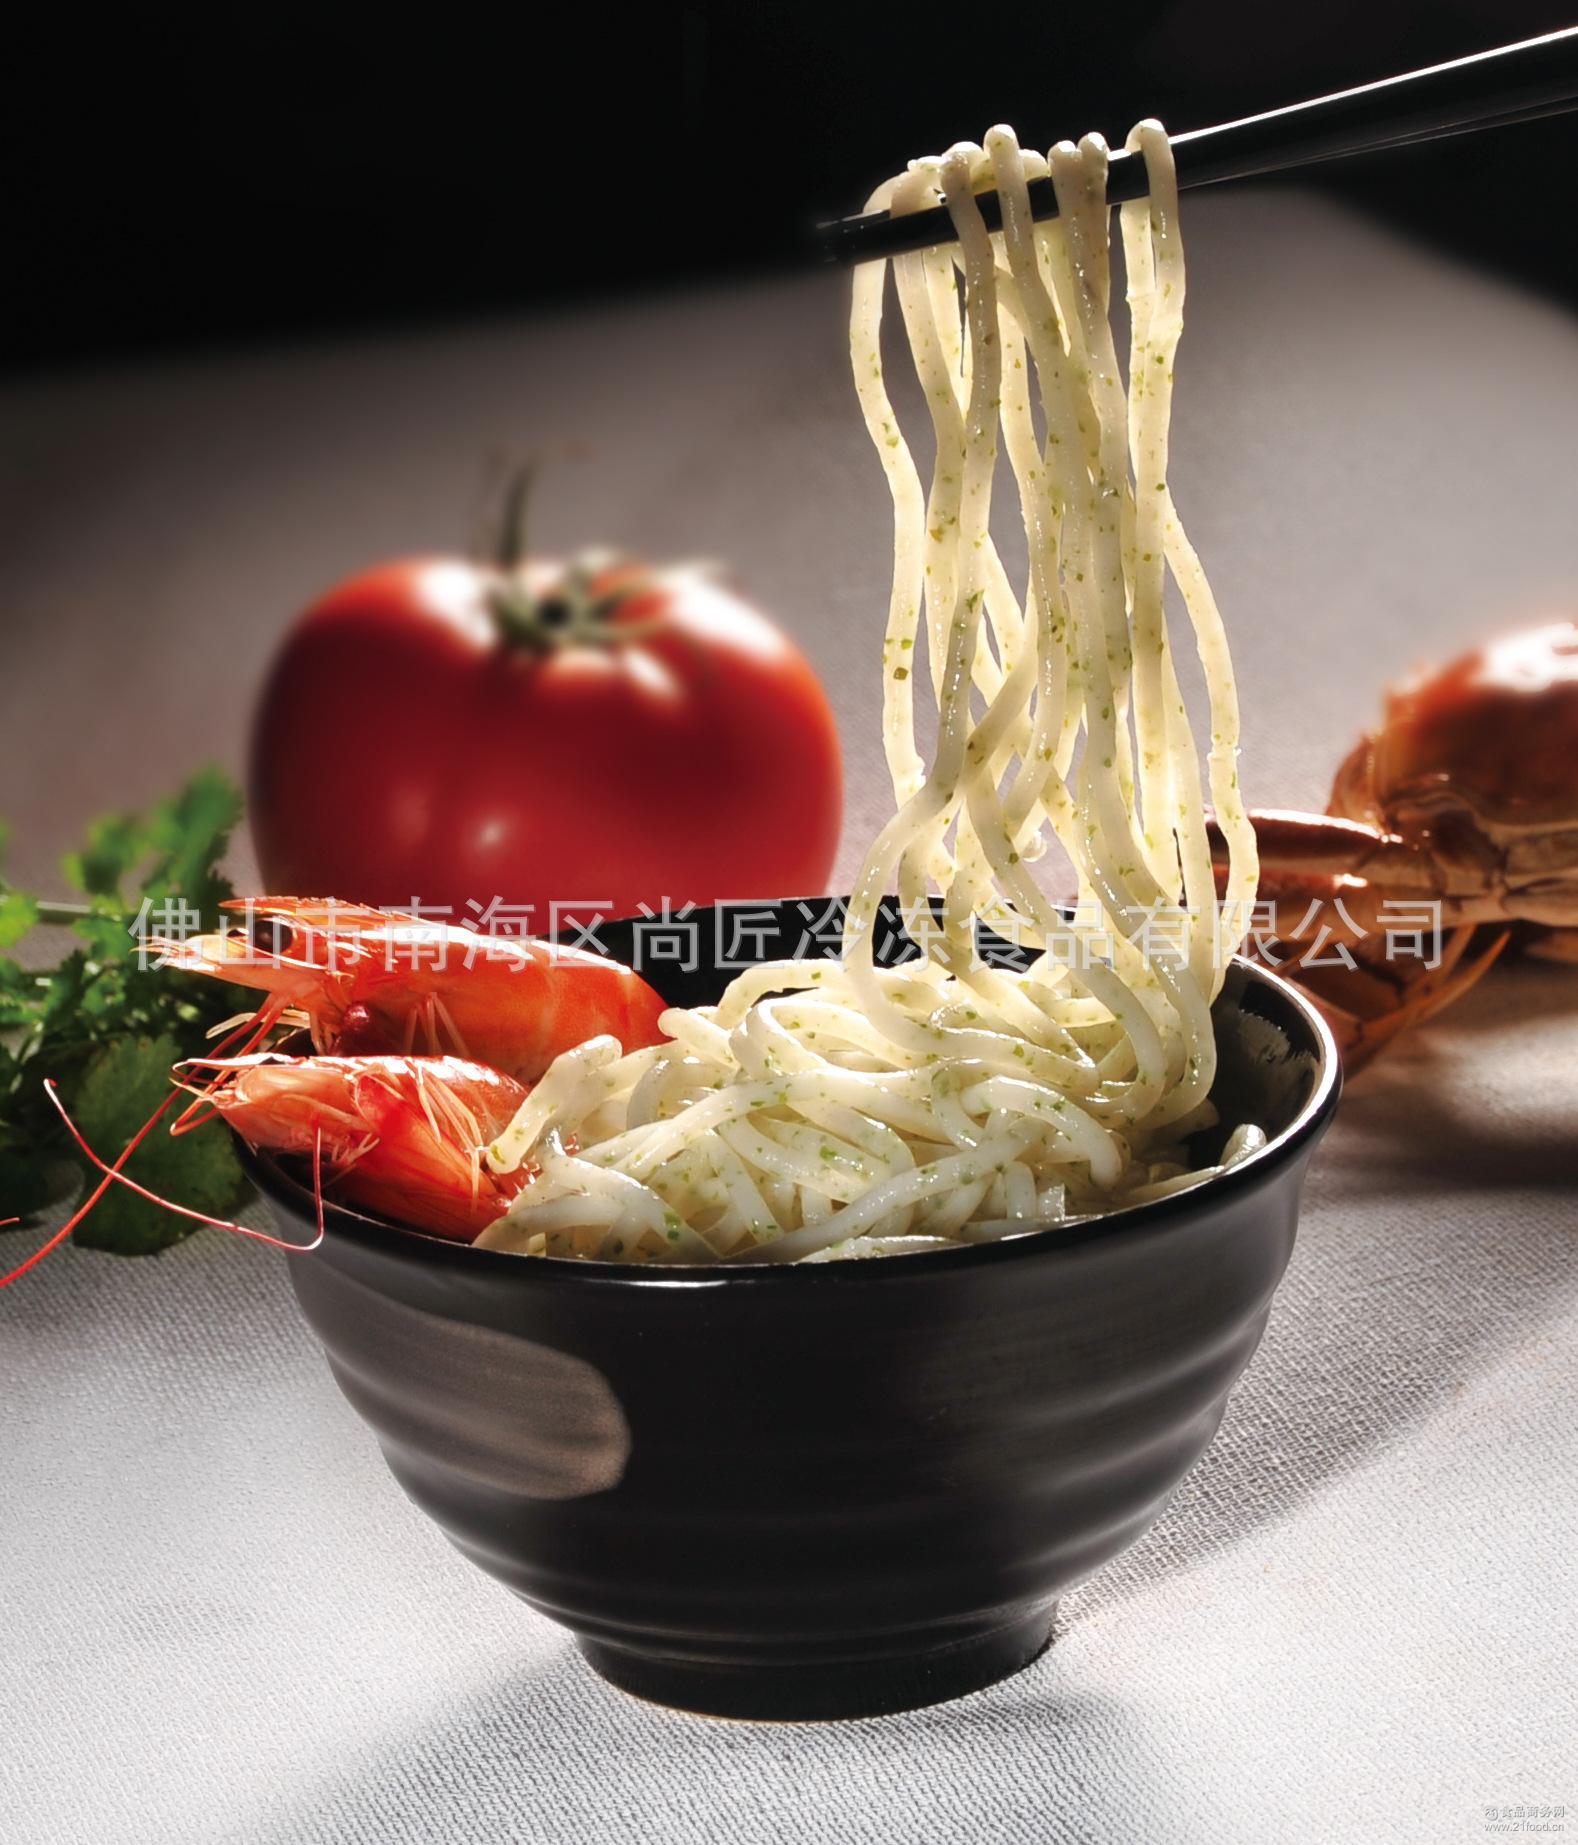 速冻鱼肉制品 【大量供应】尚匠海藻鱼面 火锅豆捞餐厅*